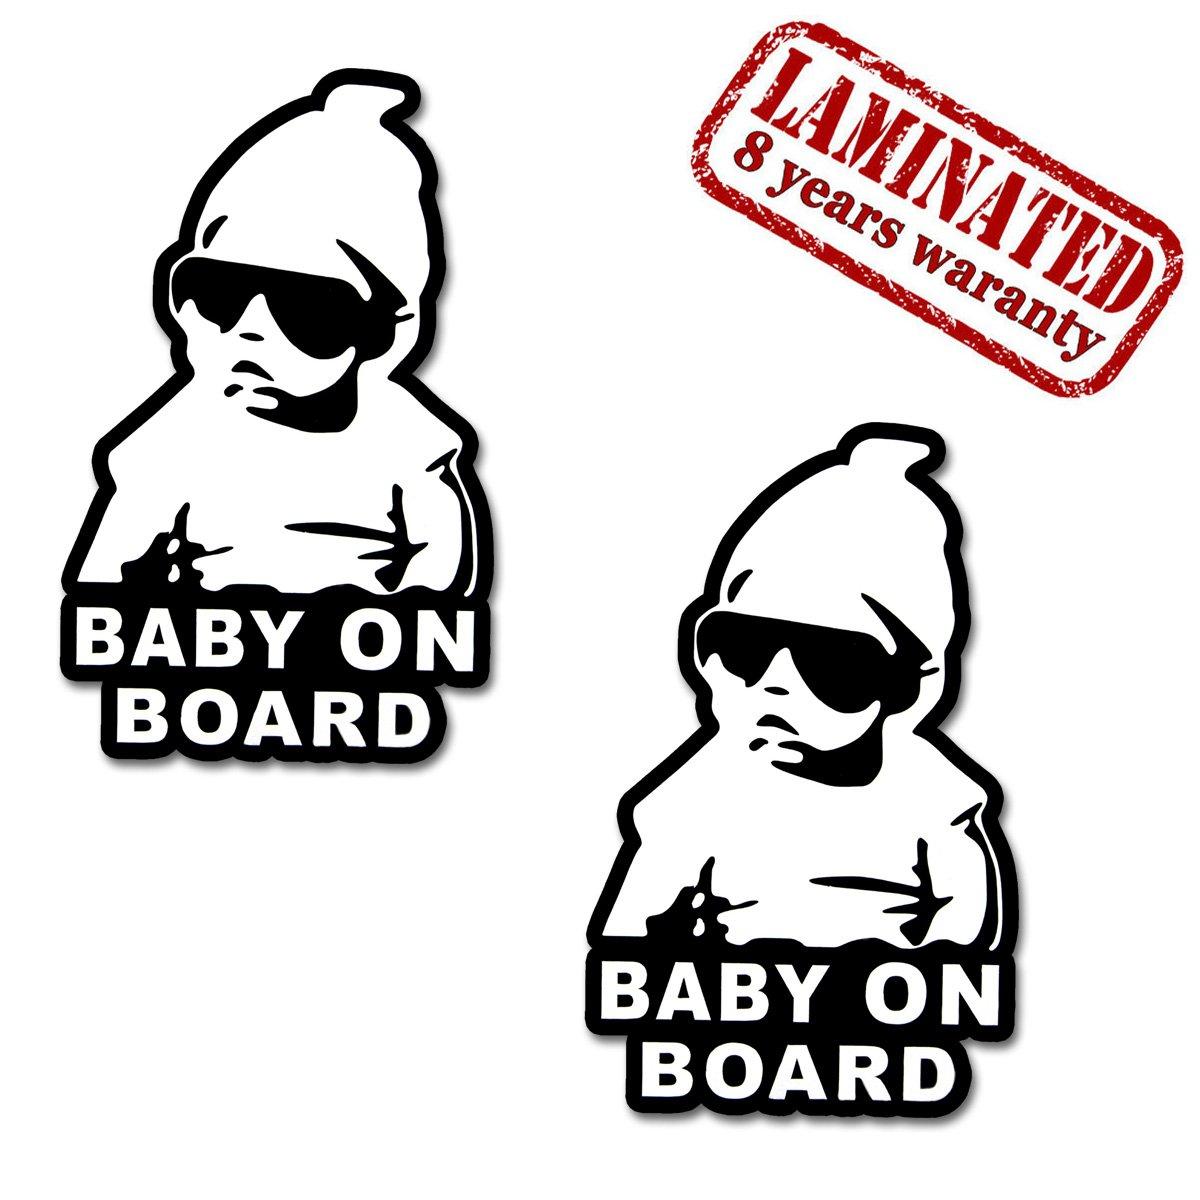 2 x Adesivi Vinile Stickers Autoadesivi Bebè A Bordo Baby On Board Bambino Per Auto Moto Finestrìno Porta Tuning B 167 Skino